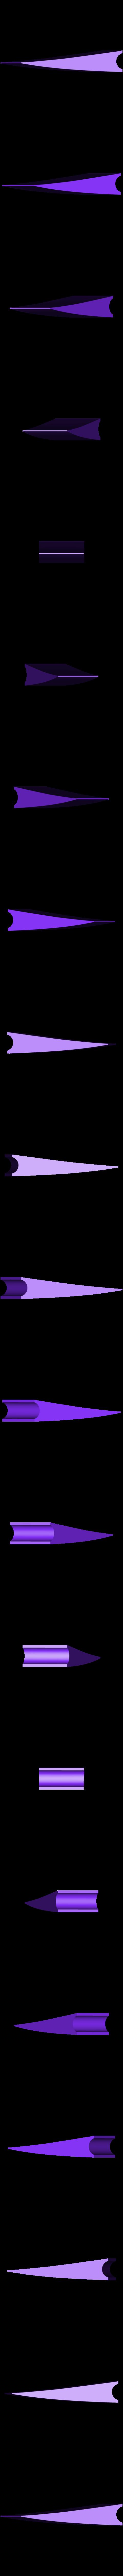 """elevon_joint.stl Télécharger fichier STL gratuit Speedy """"Aile balayée par le Midi rouge"""" • Objet pour impression 3D, wersy"""